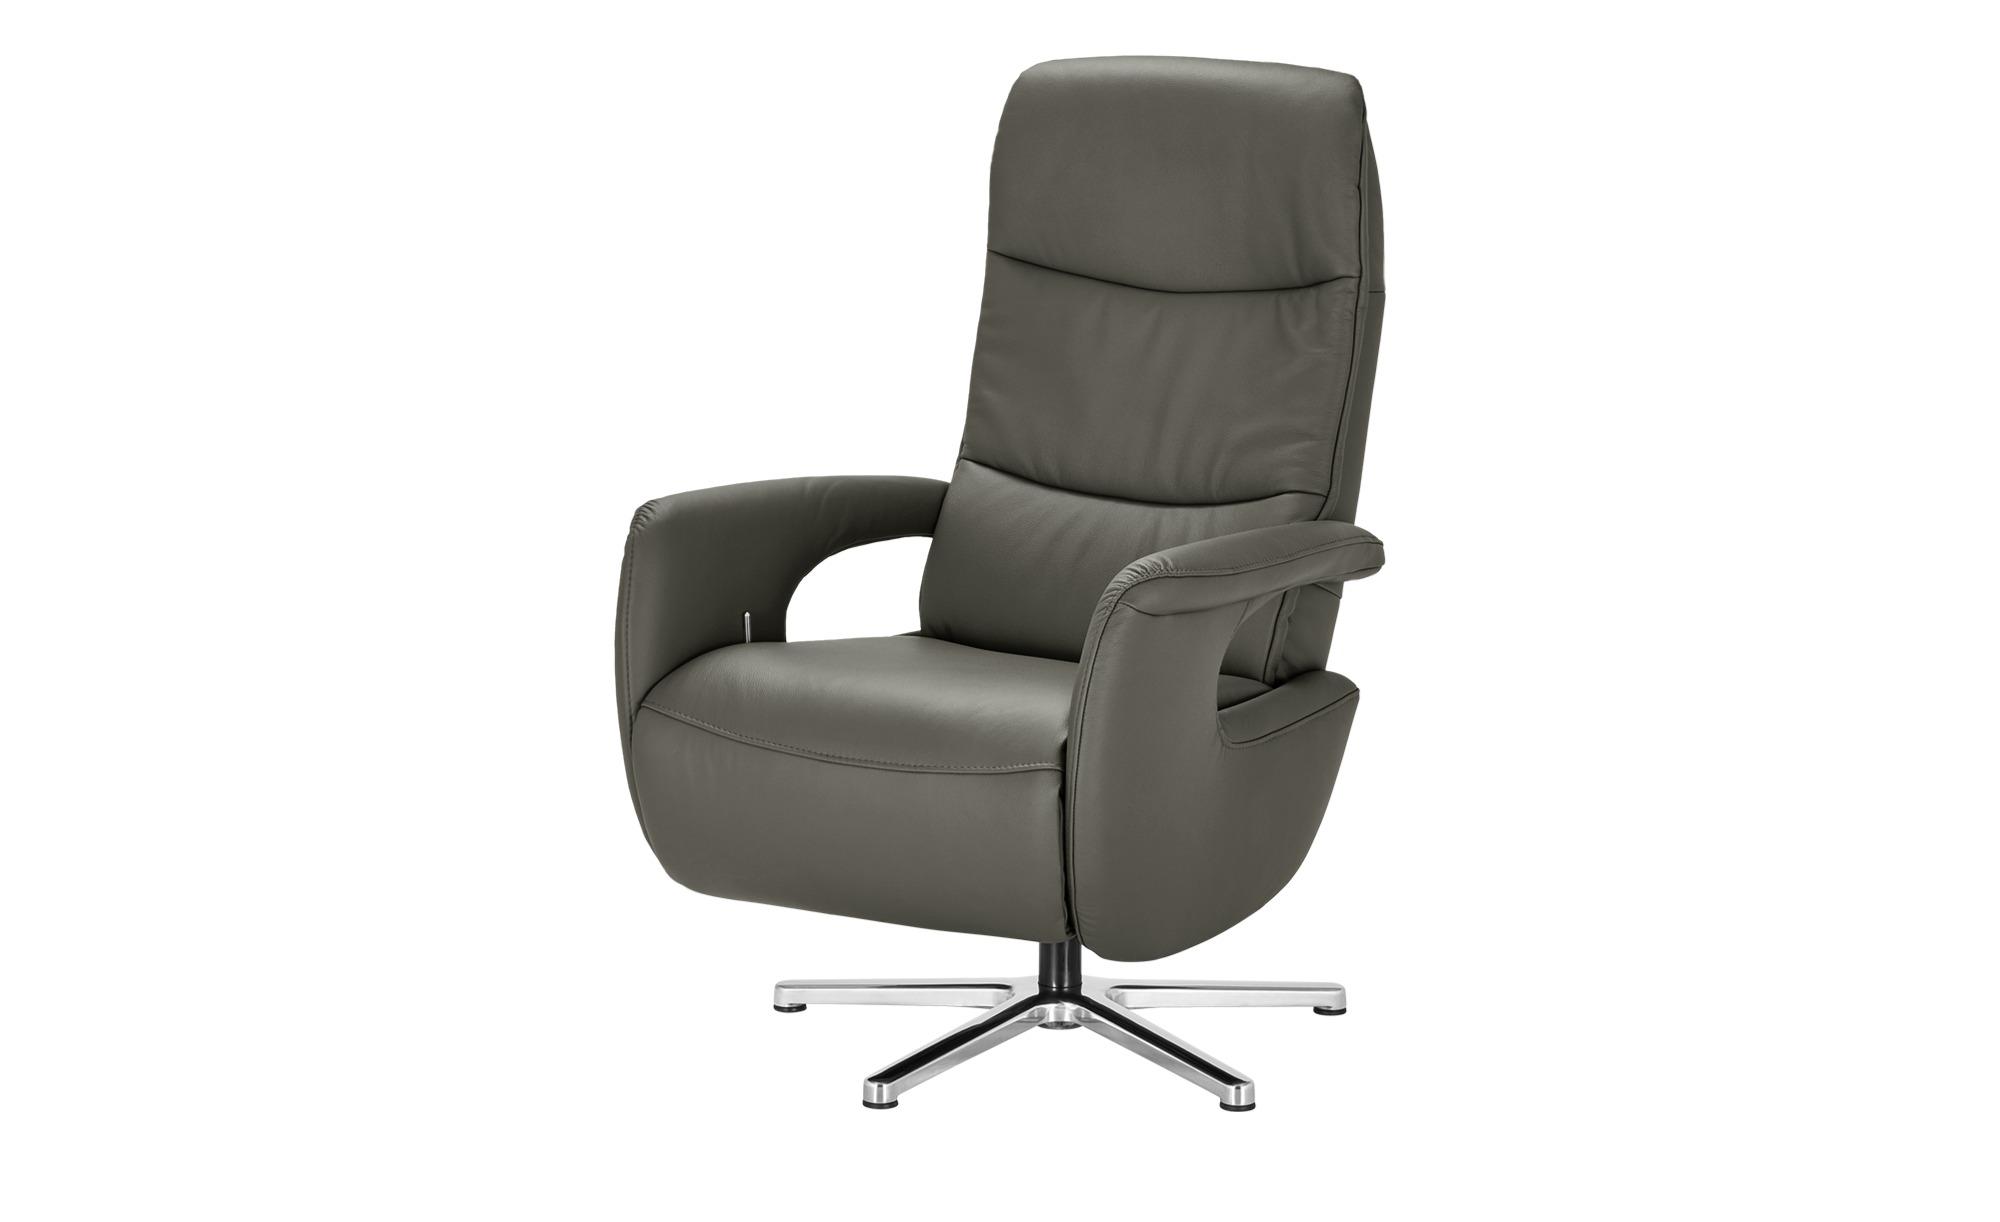 Hukla Relaxsessel  Enno ¦ grau ¦ Maße (cm): B: 72 H: 110 T: 85 Polstermöbel > Sessel > Fernsehsessel - Höffner